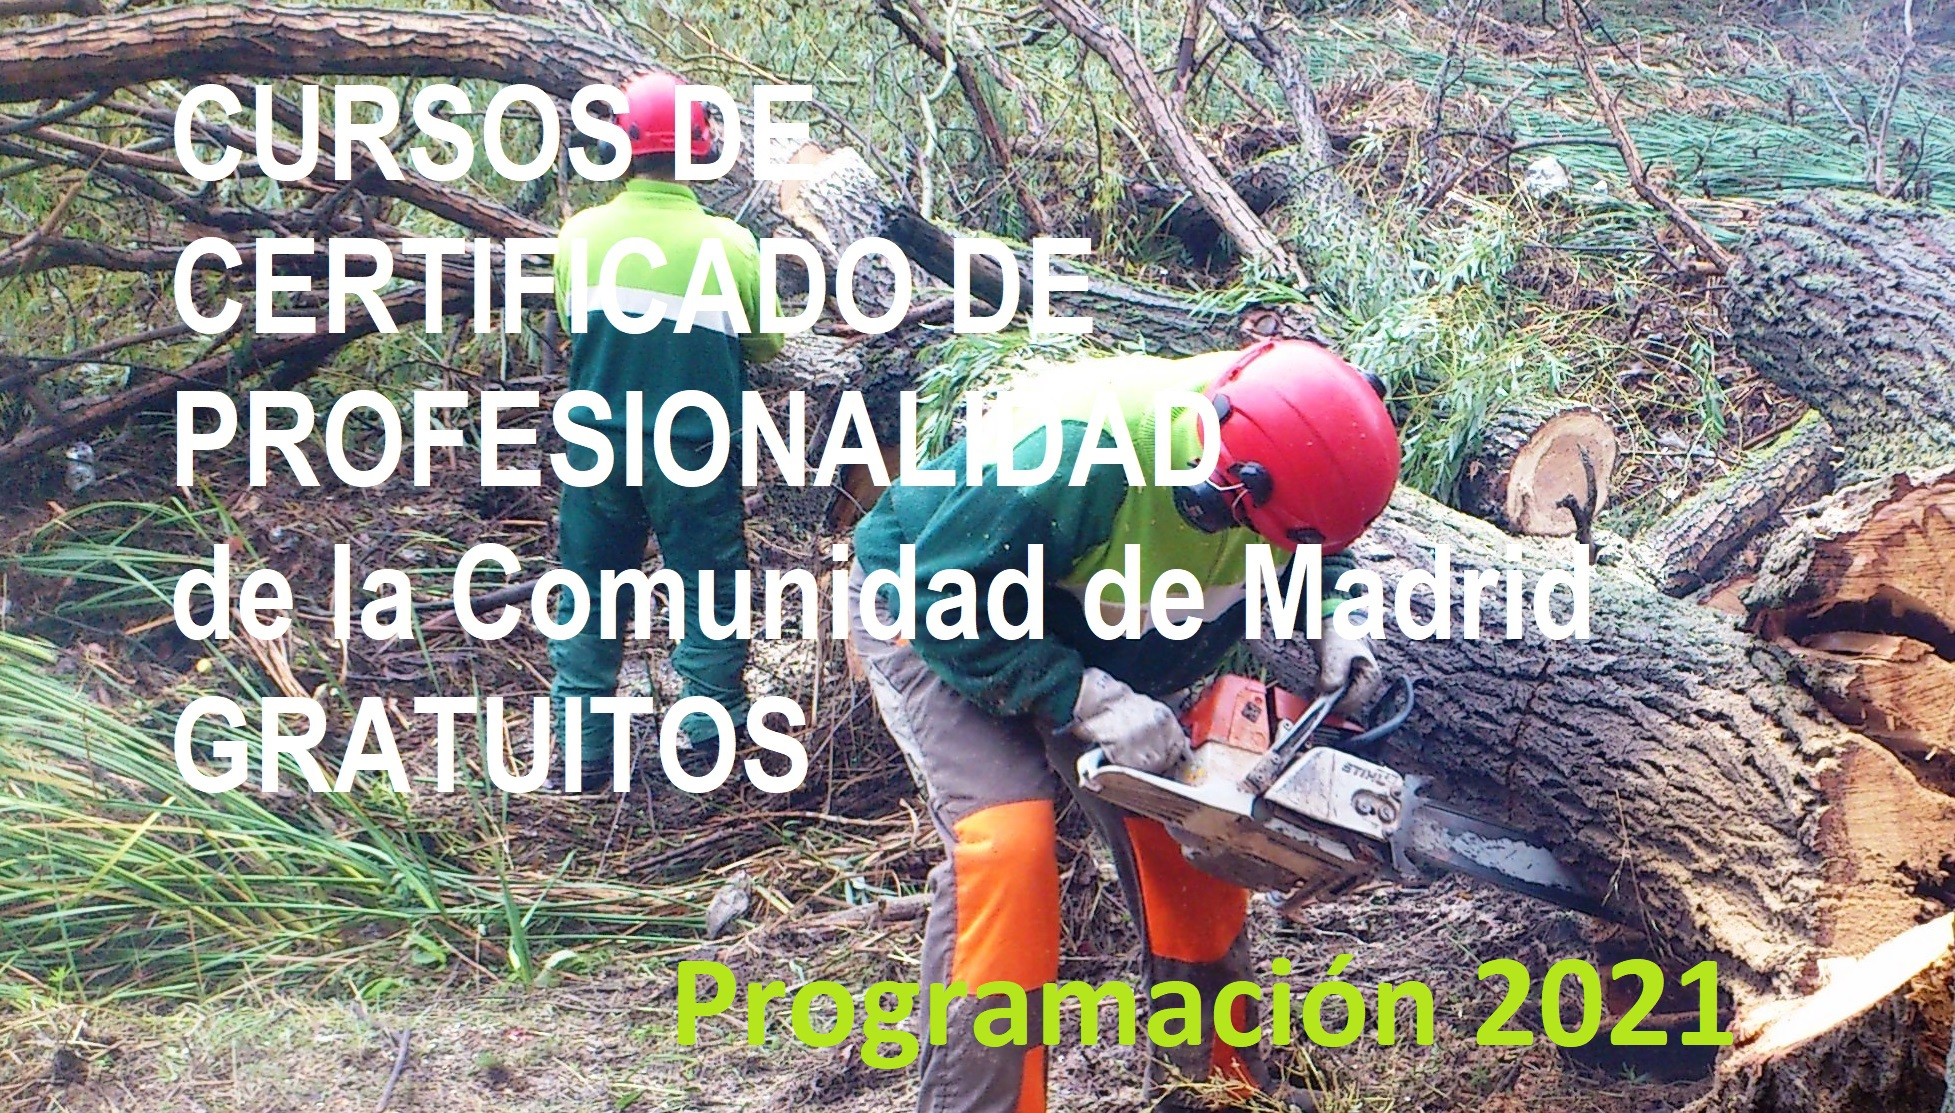 CURSOS DE CERTIFICADO DE PROFESIONALIDAD  de la Comunidad de Madrid GRATUITOS .Programación 2021